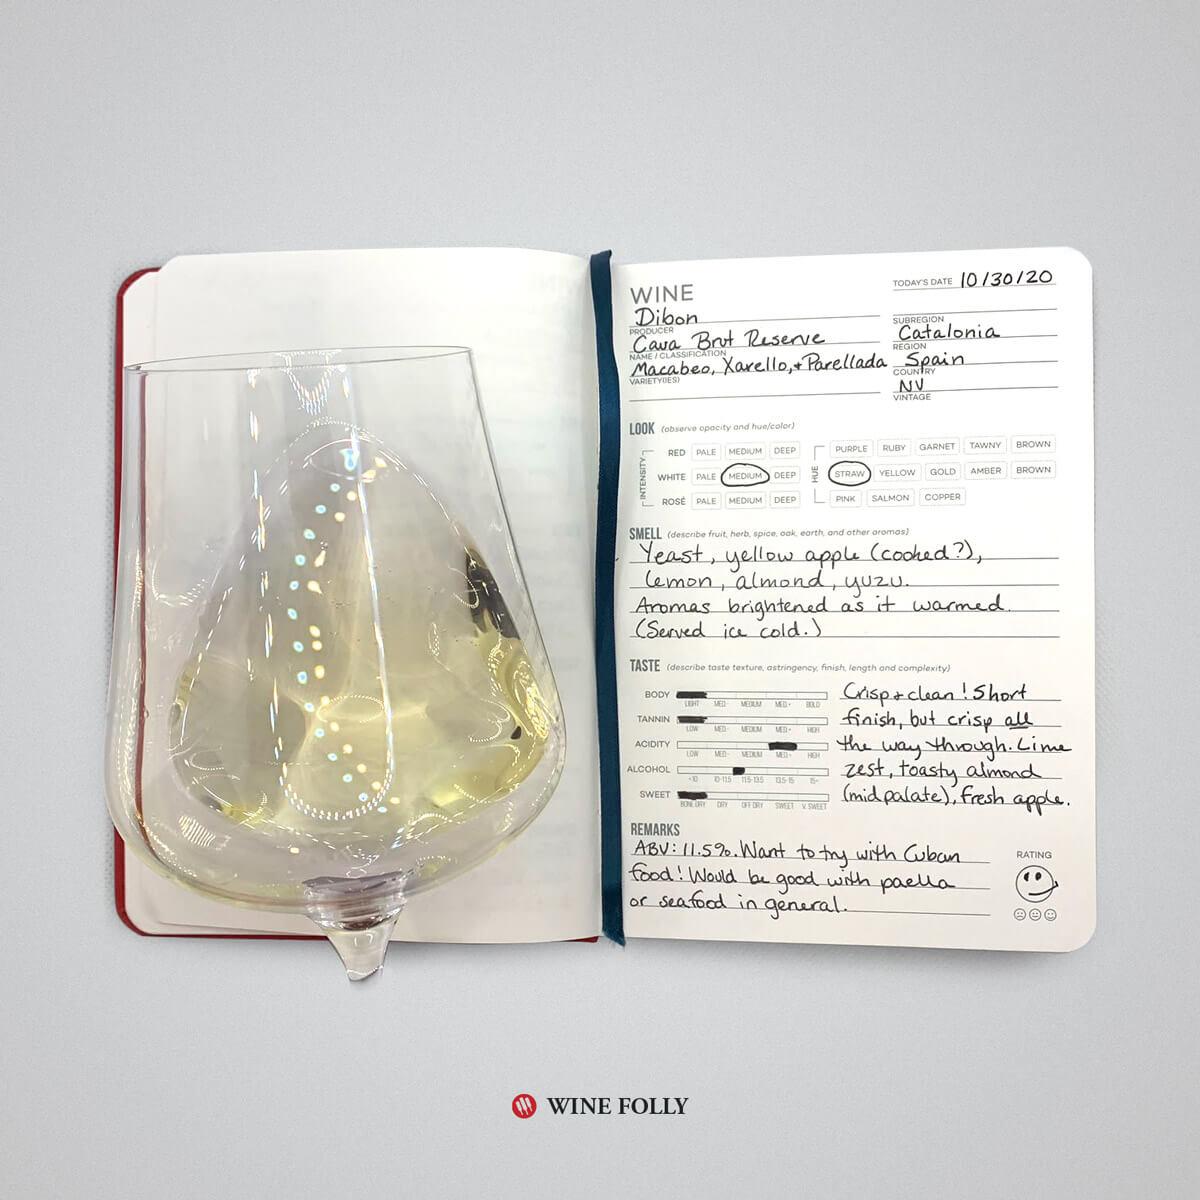 Dibon-Cava-Tasting-Notes-winefolly